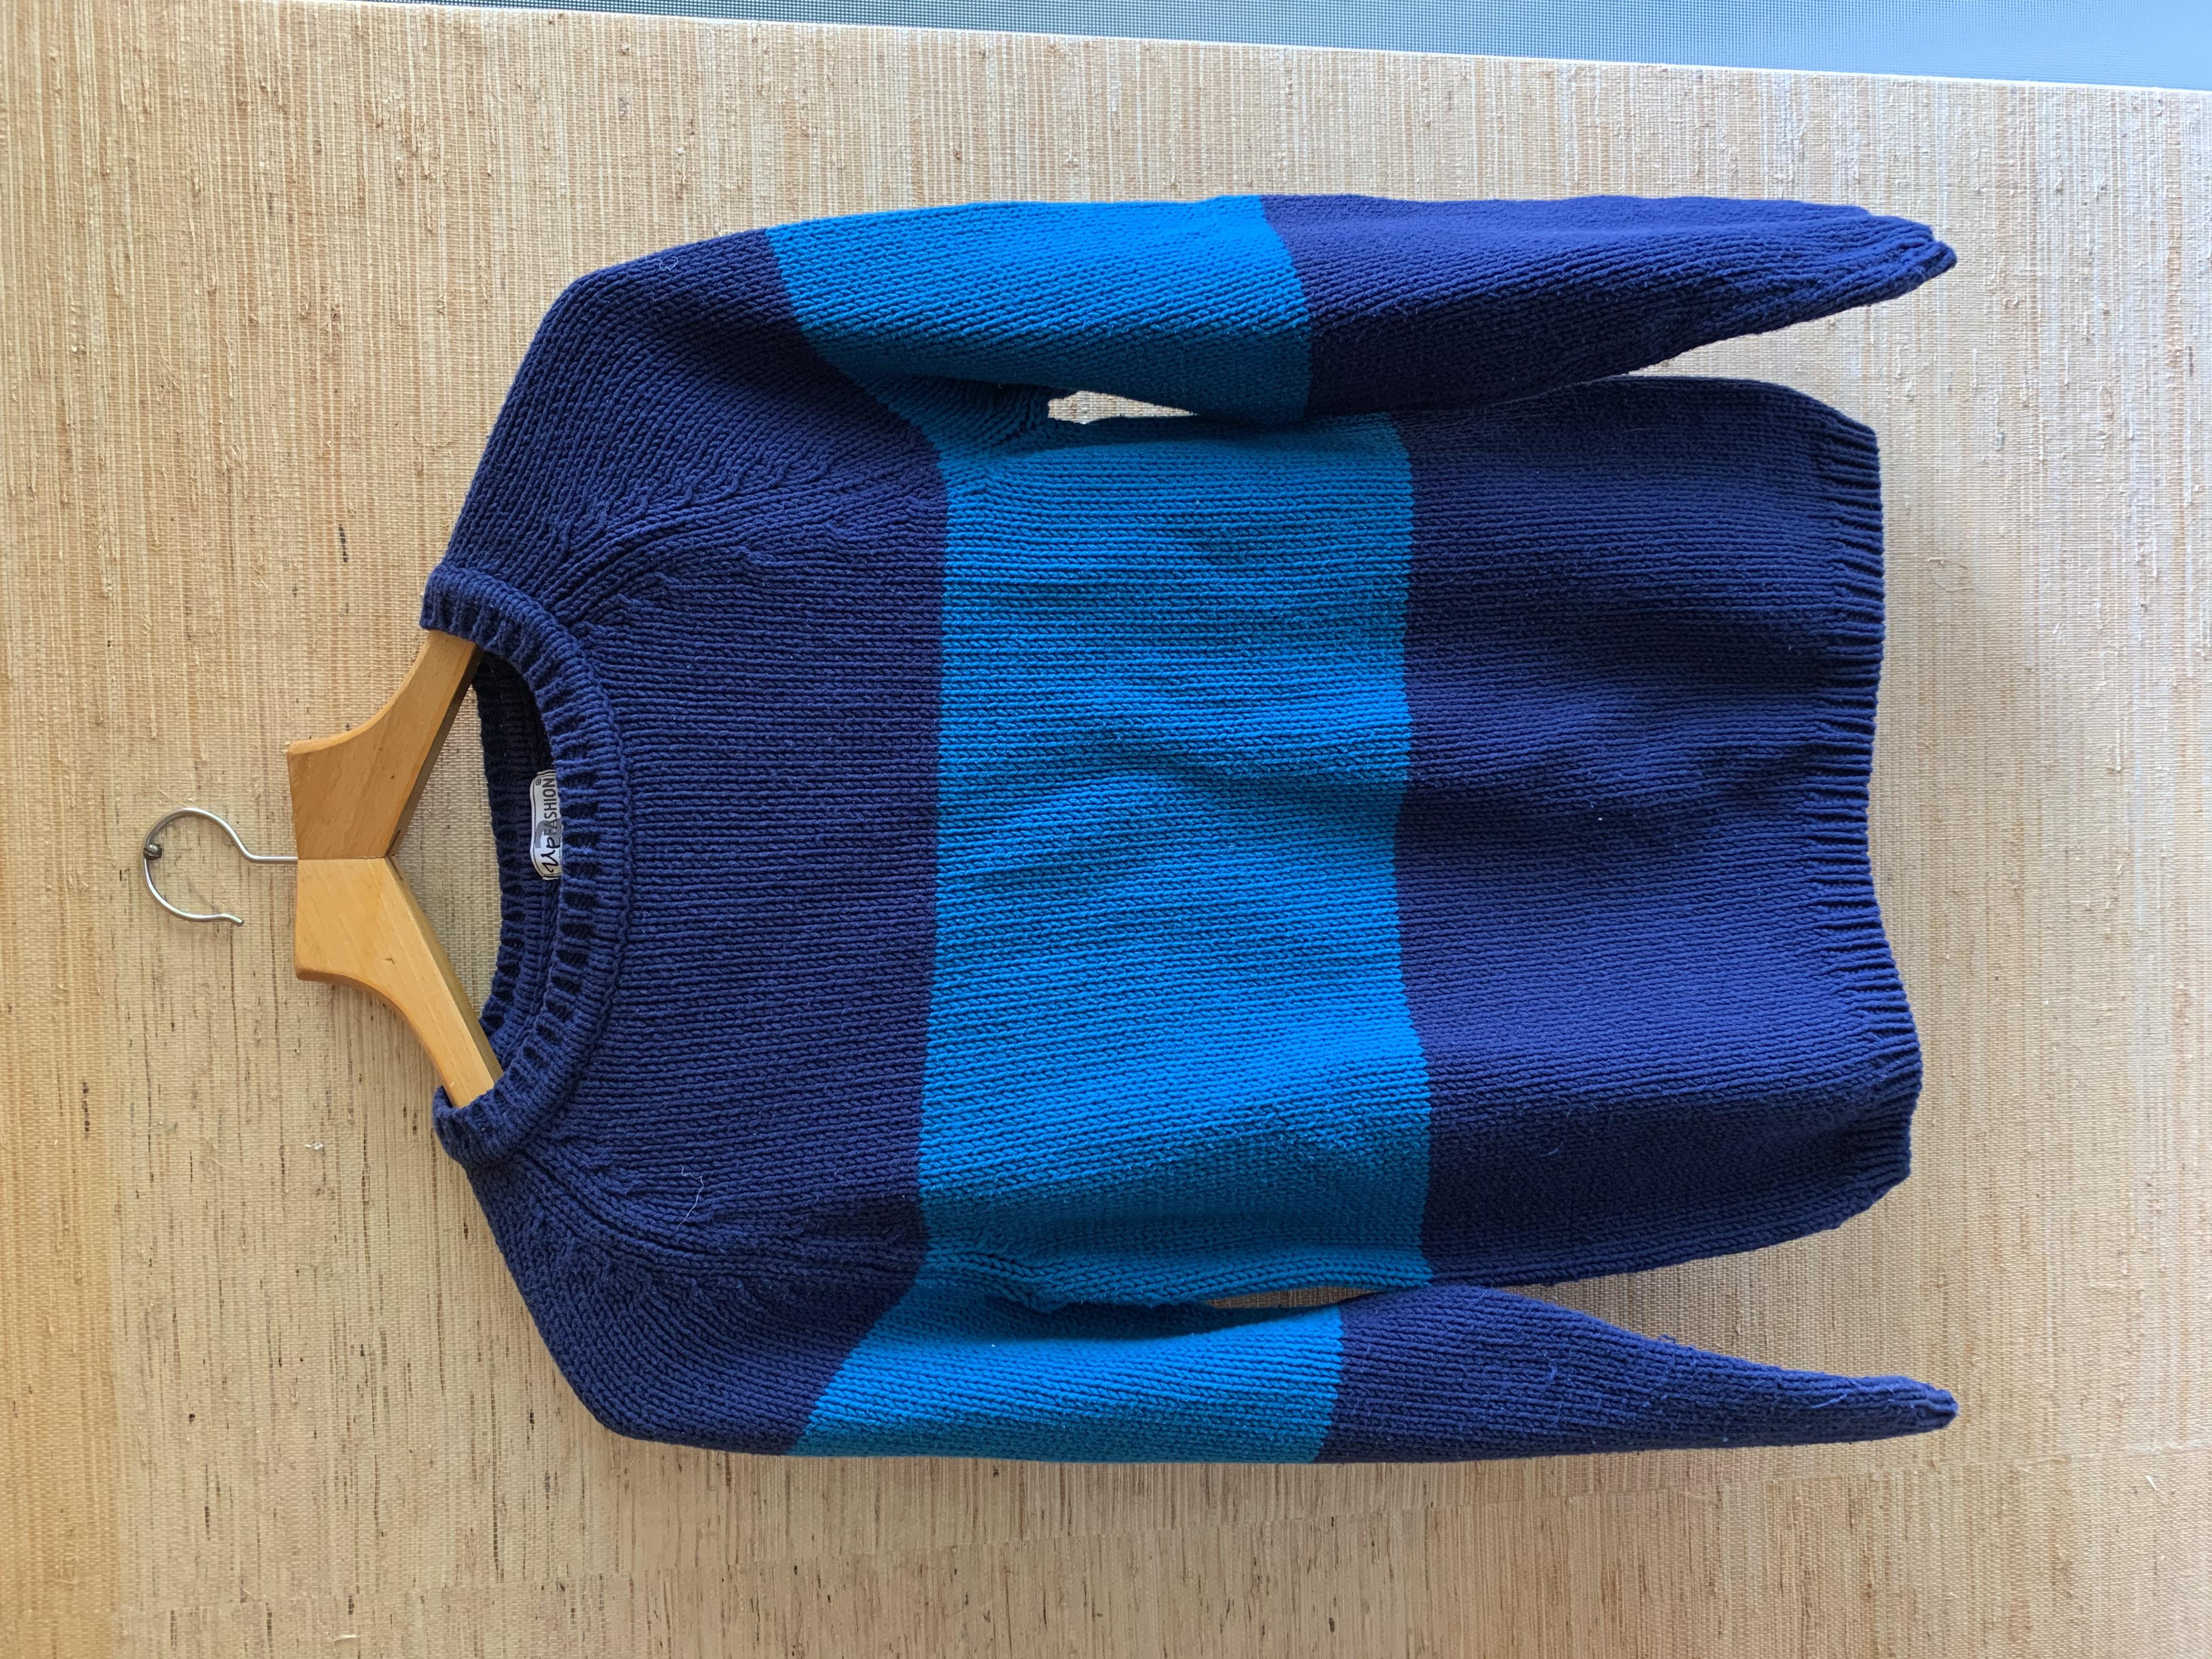 Strickpullover Baumwolle S blau tauschen